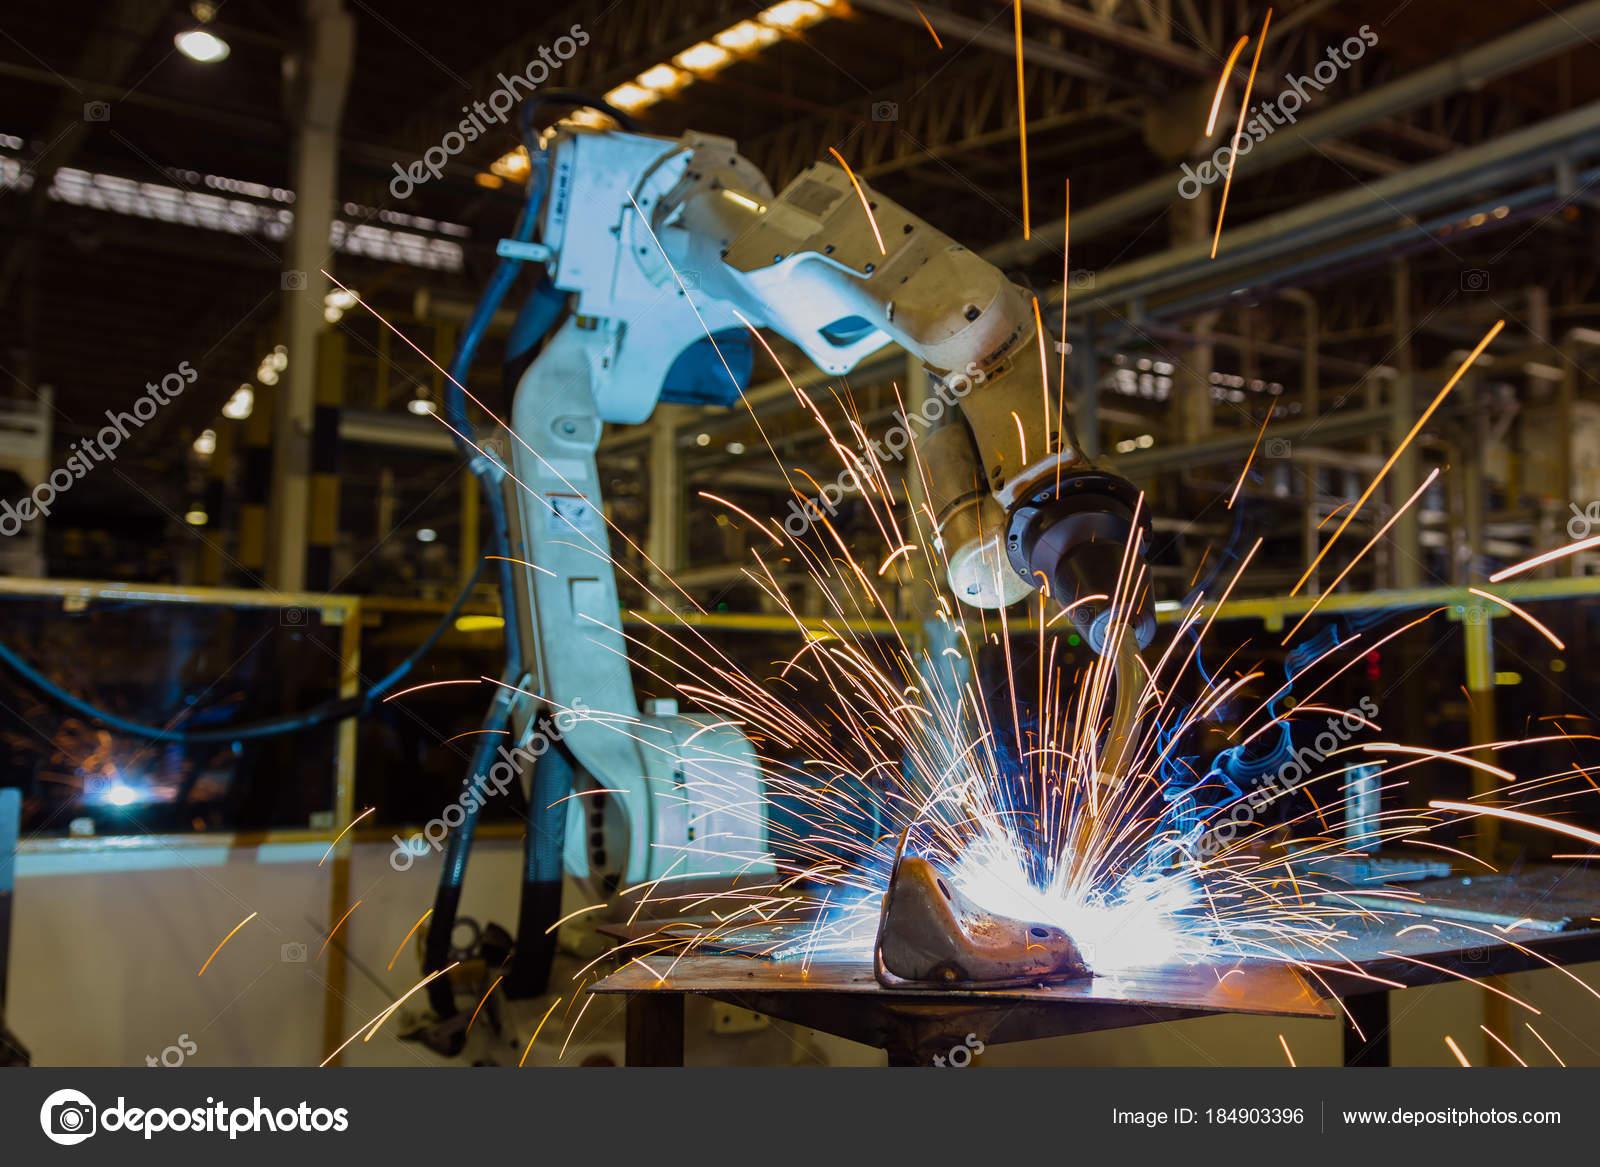 Zaktualizowano Robot Jest Spawanie Metalowe Części Fabryce Samochodów — Zdjęcie XA95